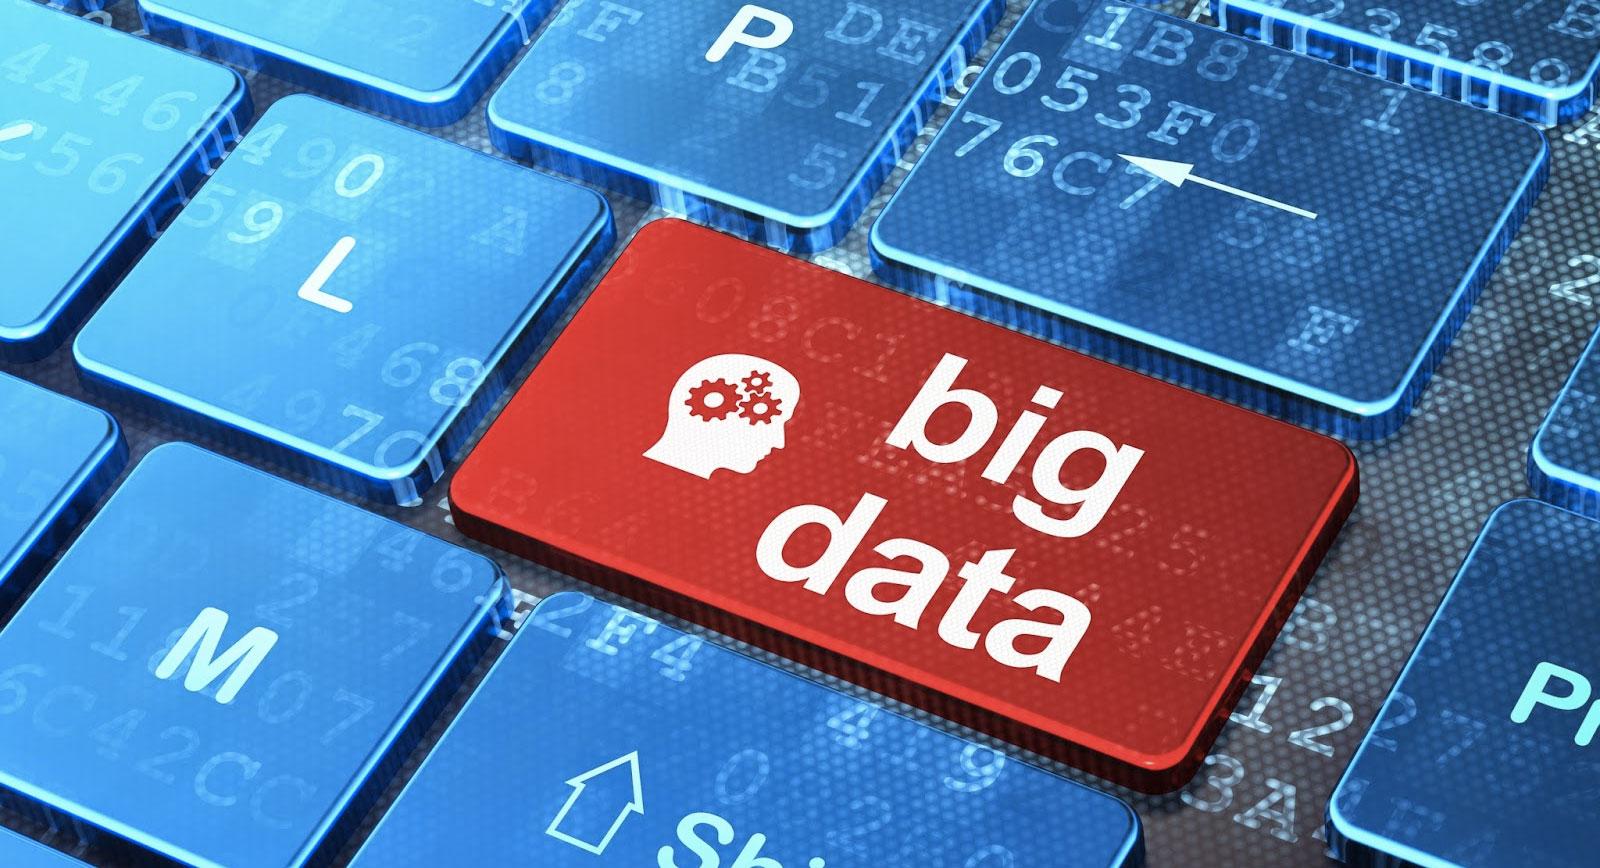 Компанія Сергія Бойка Big Data UA презентувала свою систему для вимірювання телеперегляду